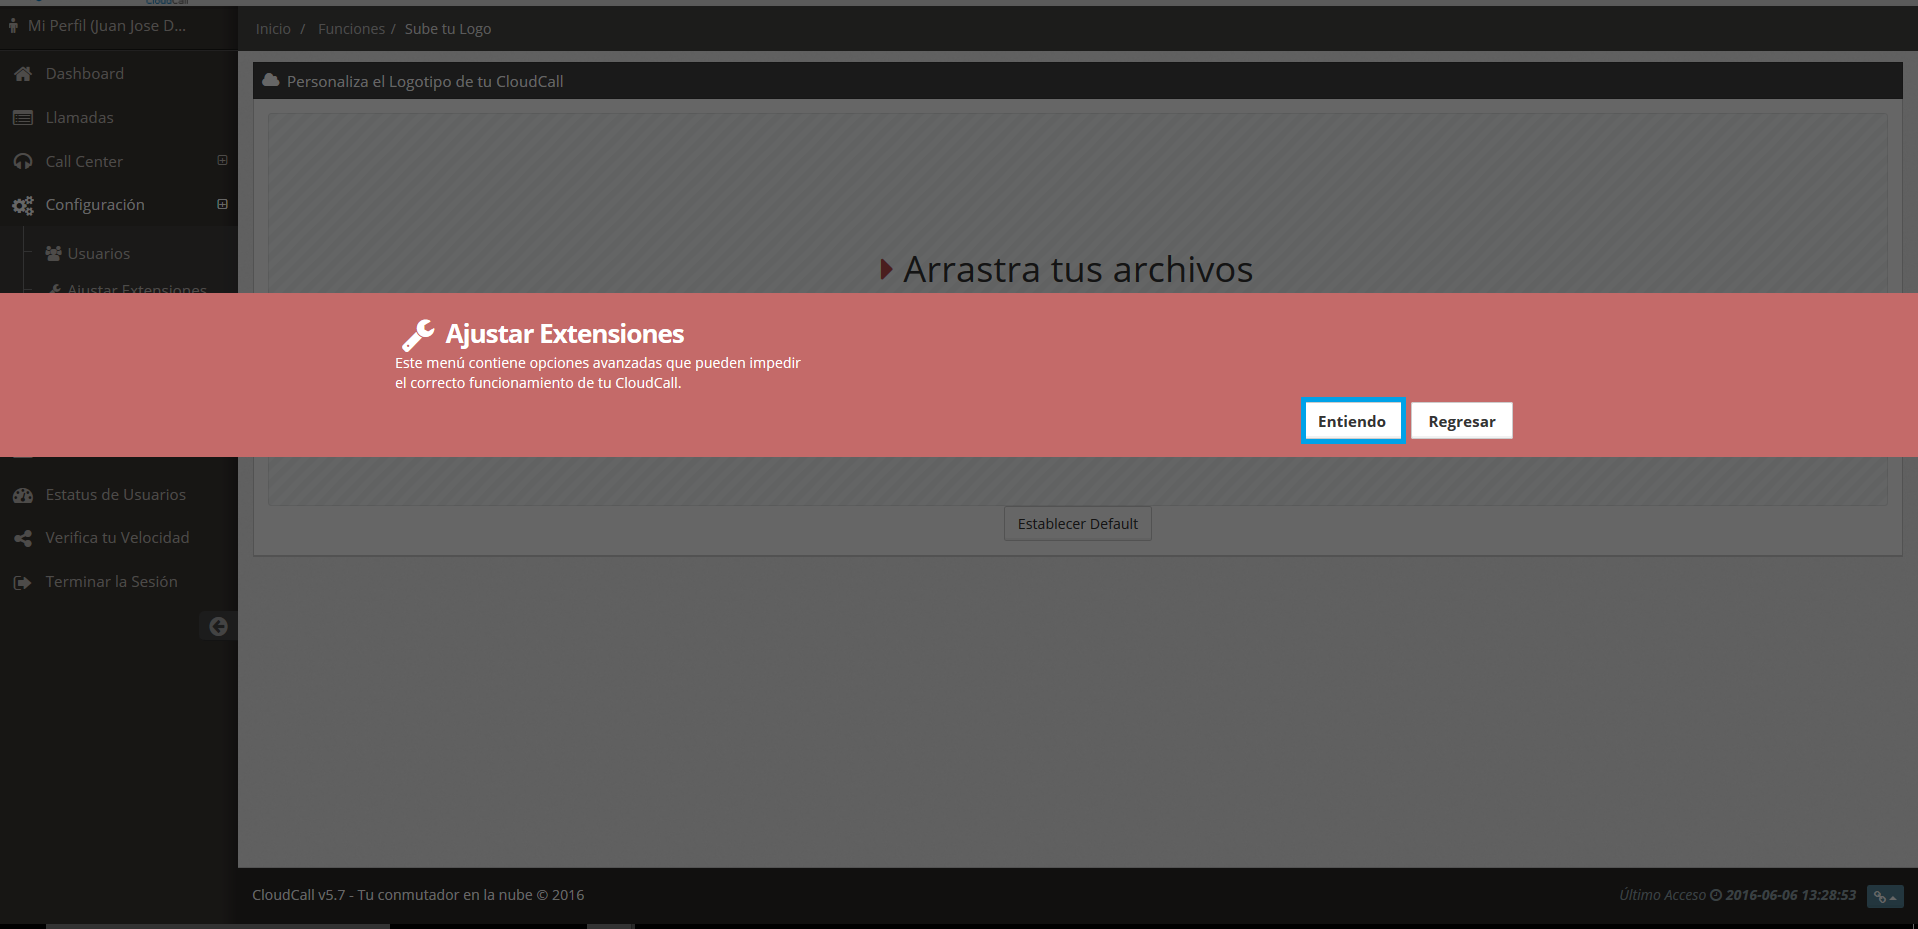 Cómo configurar extensiones en CloudCall